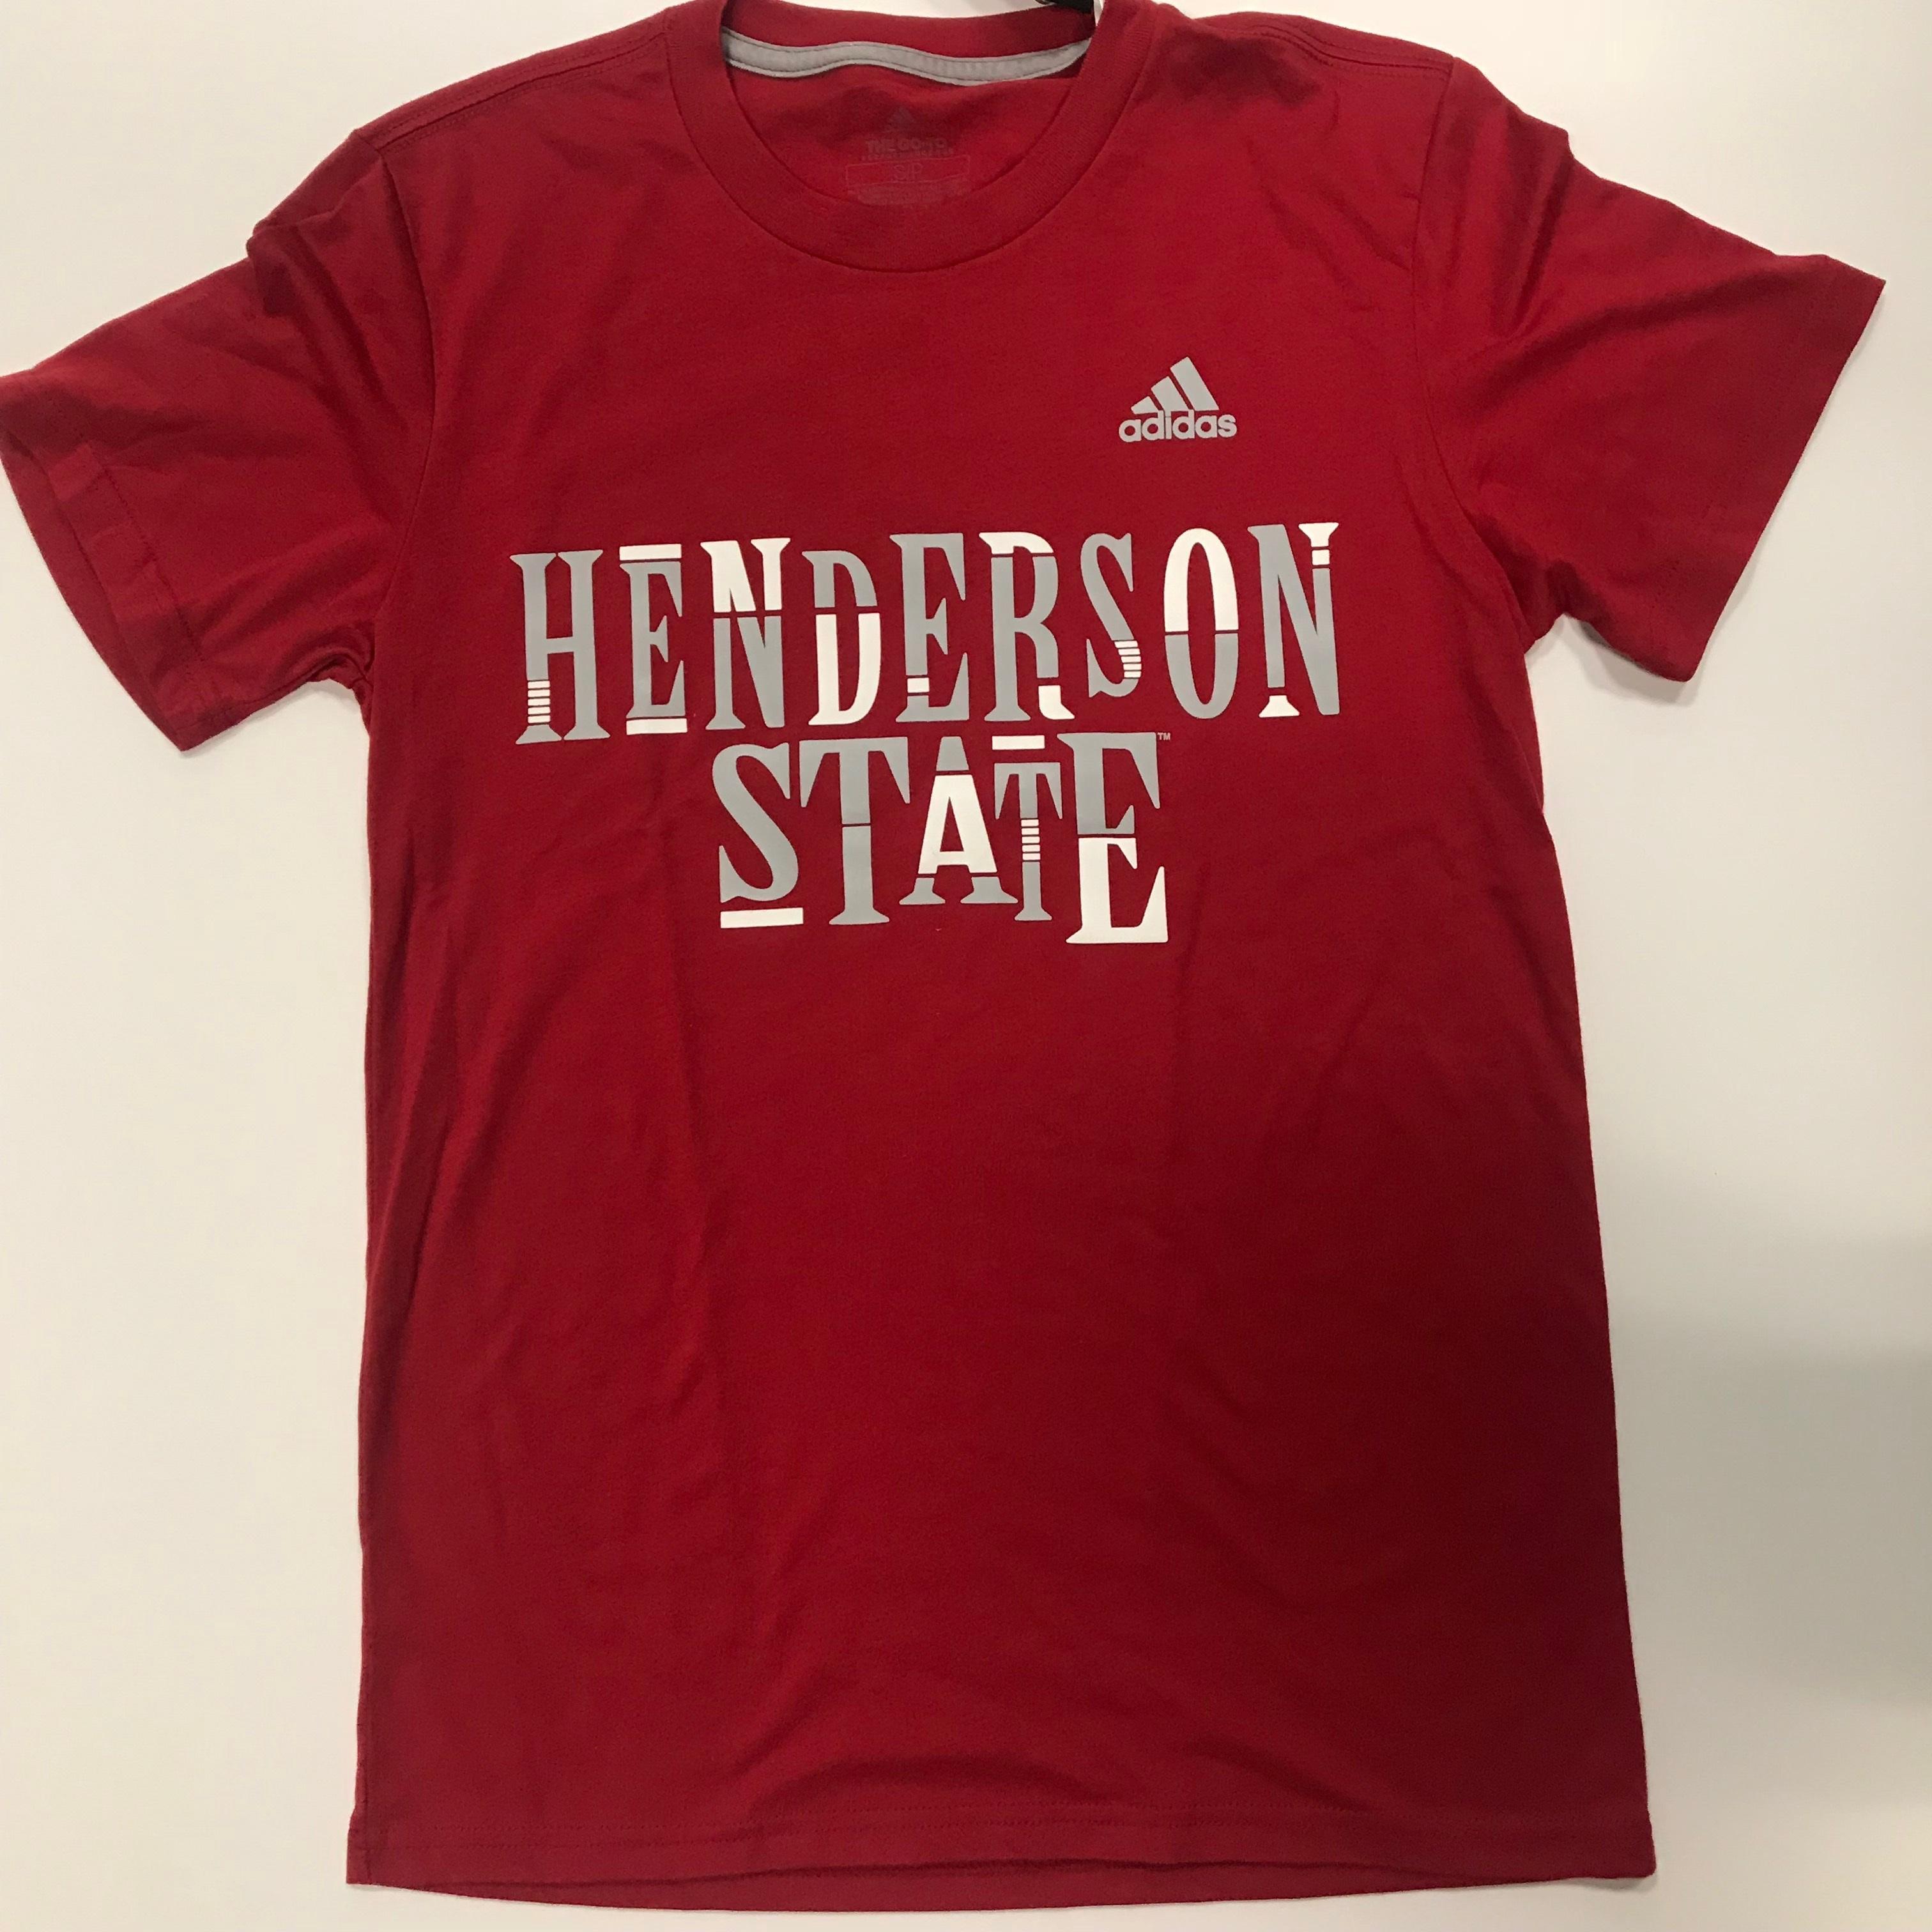 Adidas Henderson State TShirt